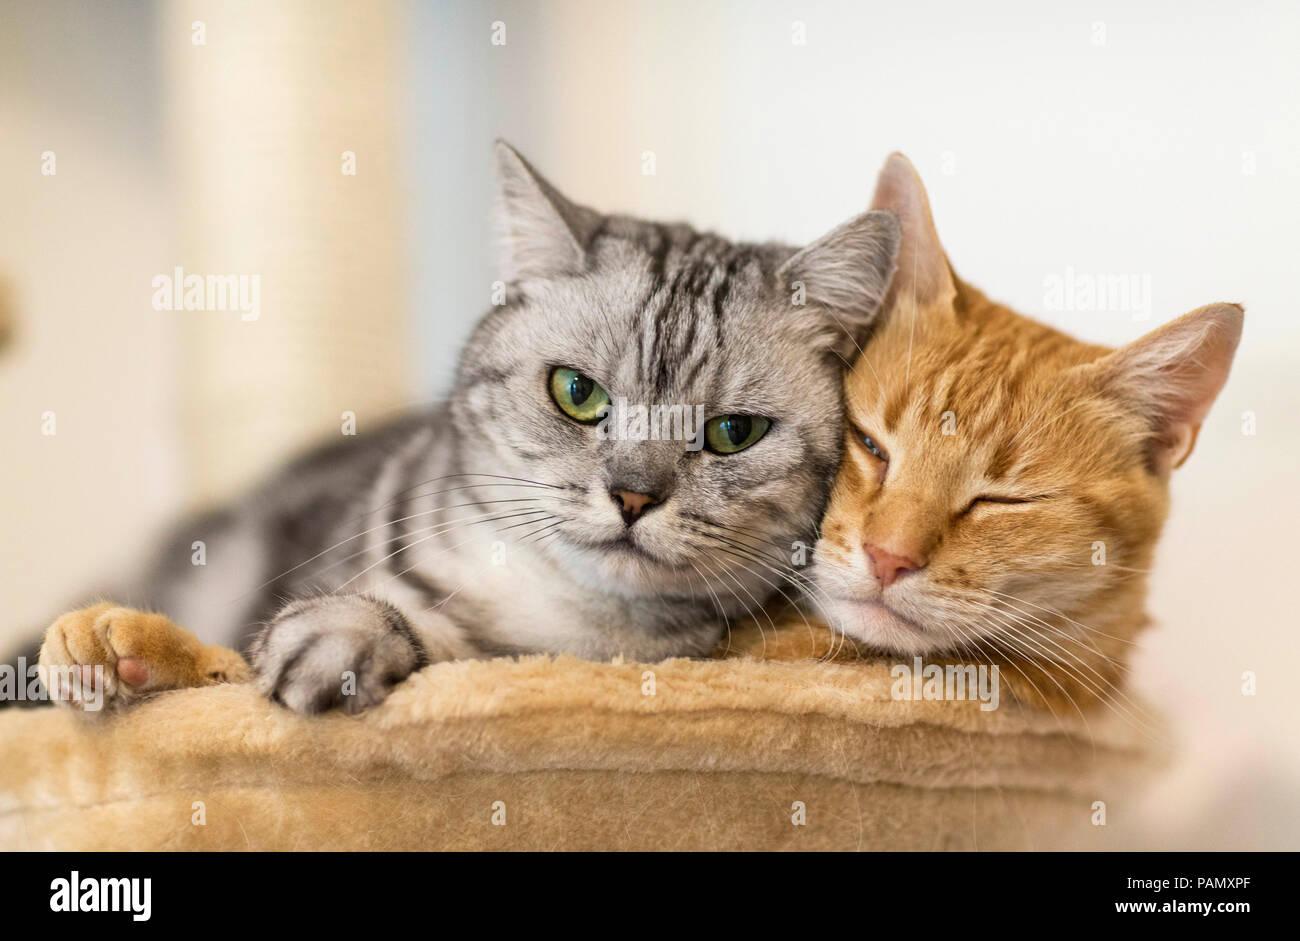 Britisch Kurzhaar und Hauskatze. Zwei erwachsene Katzen nebeneinander liegen auf einem pet-Bett. Deutschland. Stockbild